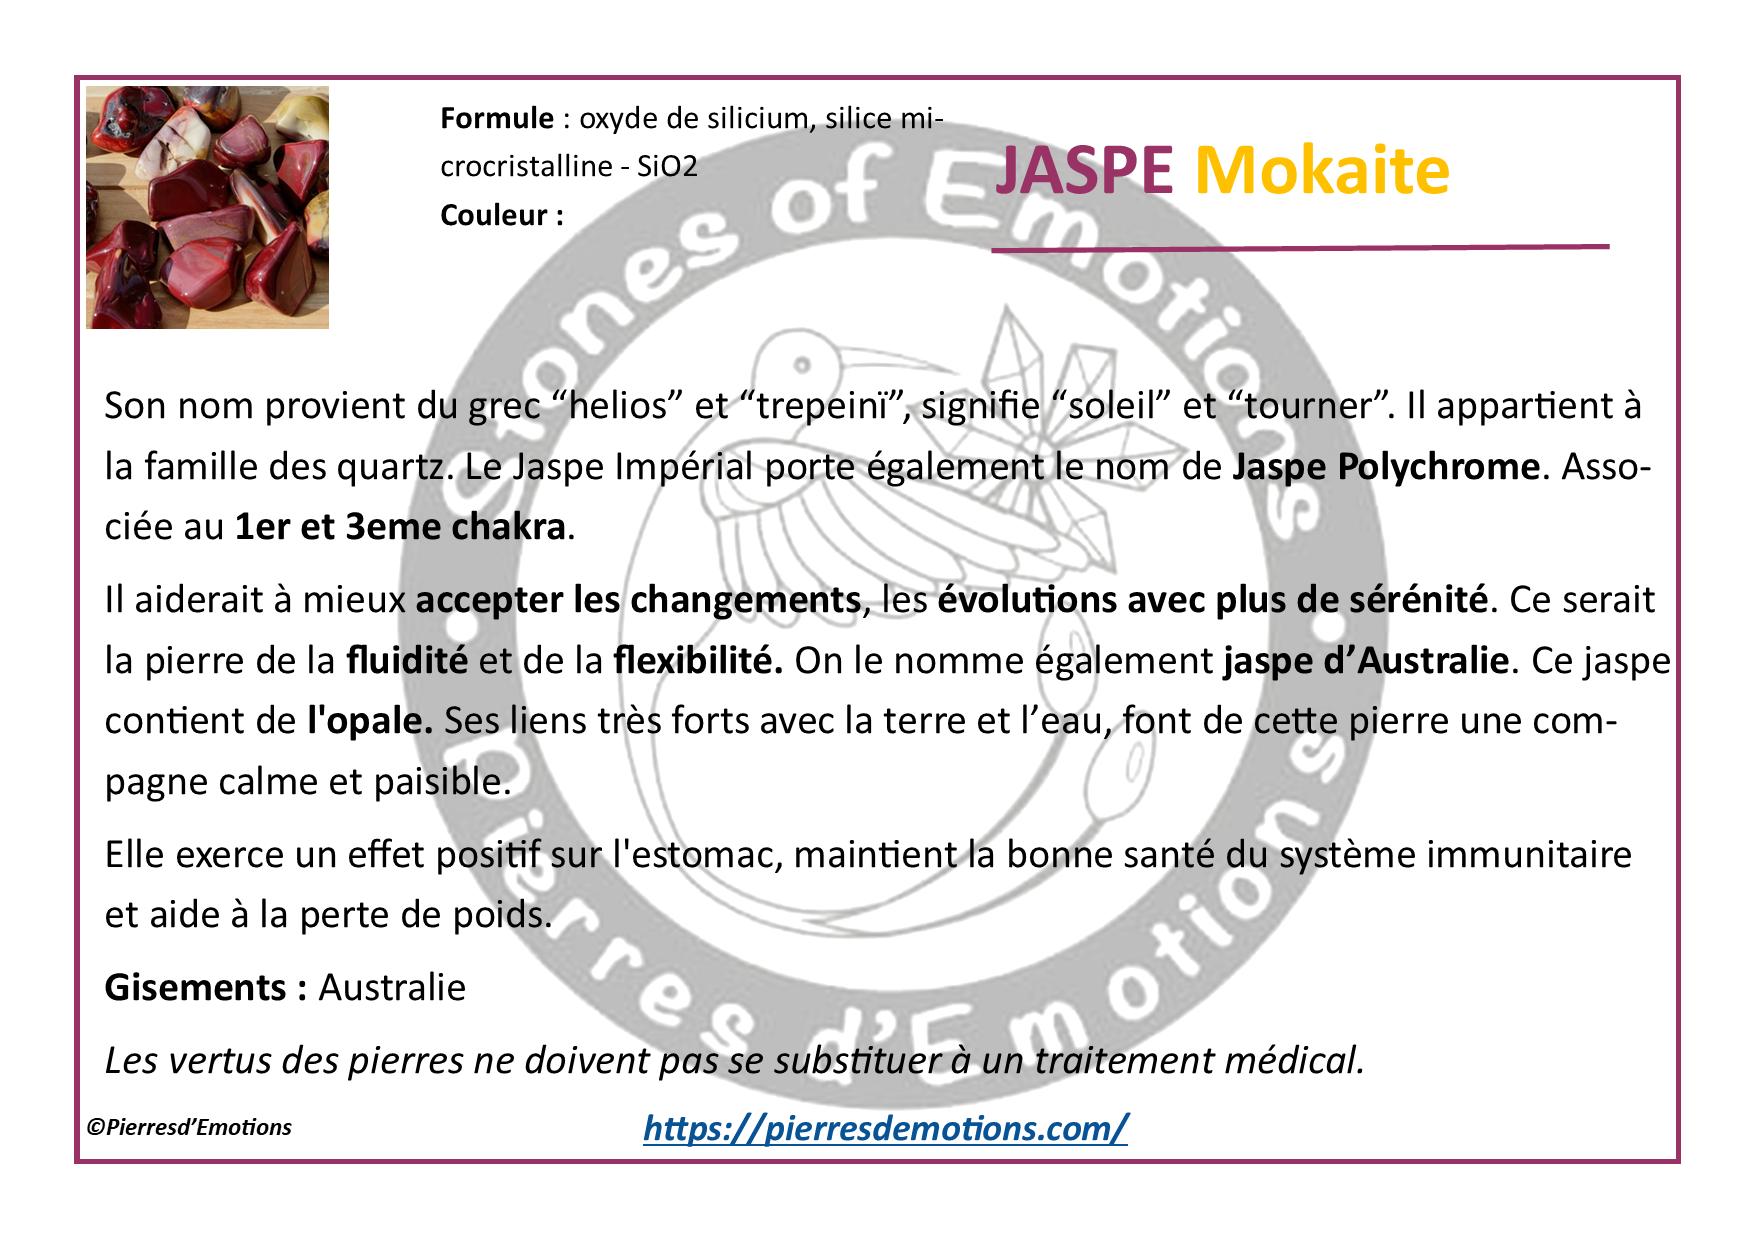 JaspeMokaite